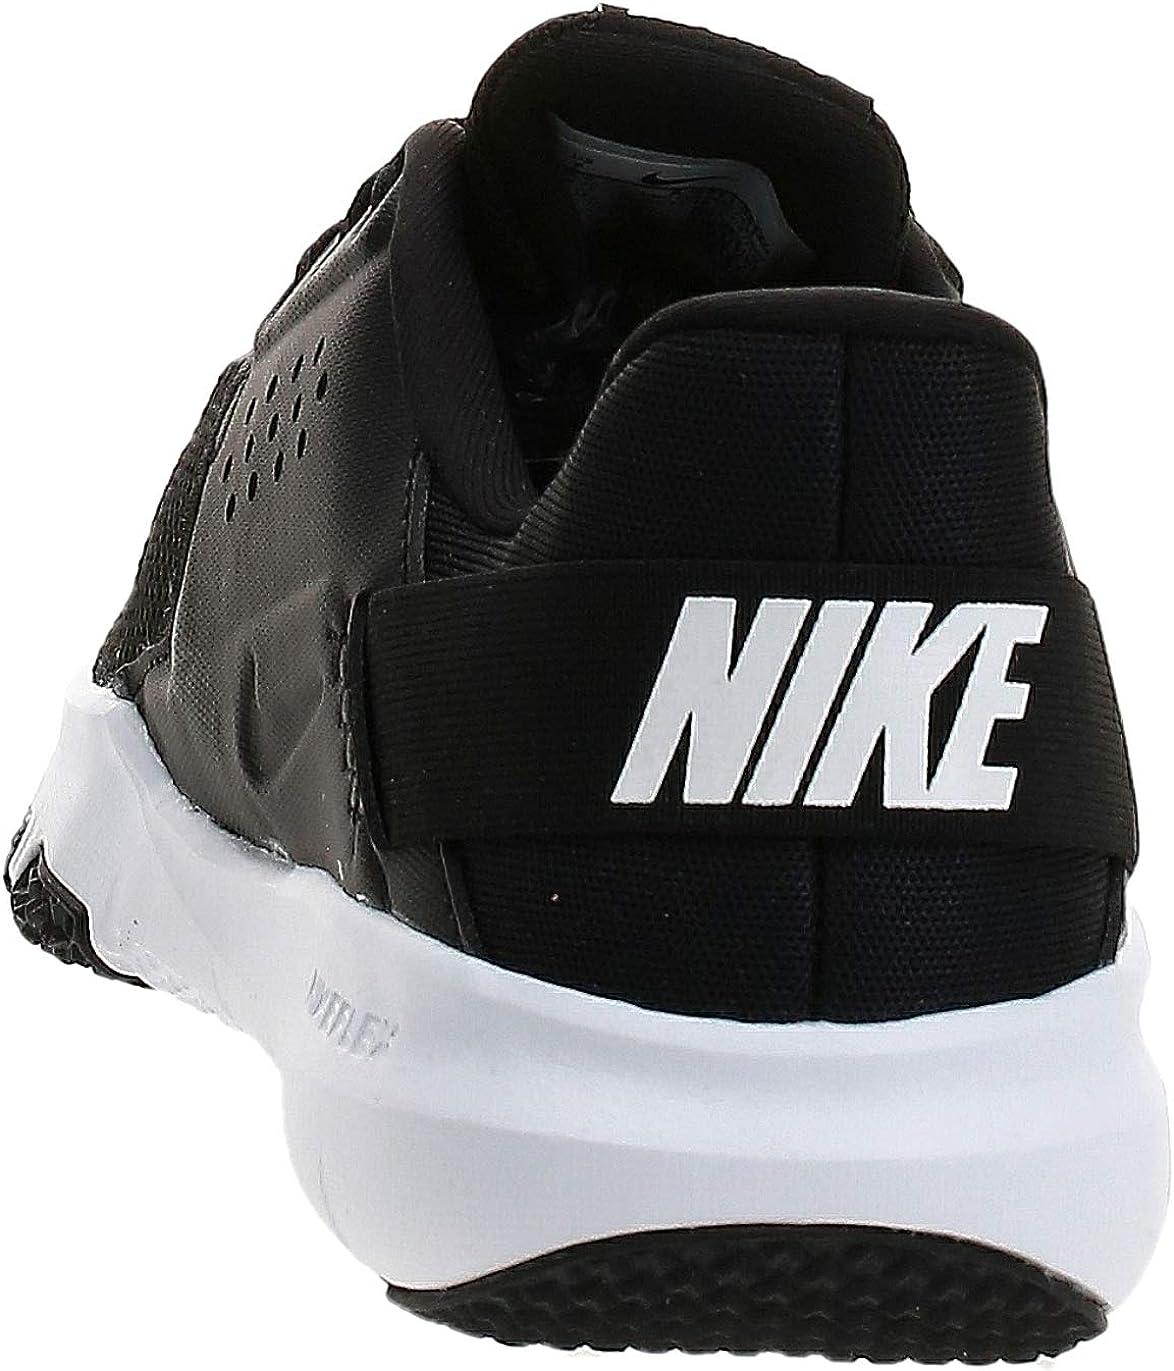 Nike Flex Control Tr3, Zapatillas de Deporte para Hombre: Nike: Amazon.es: Zapatos y complementos